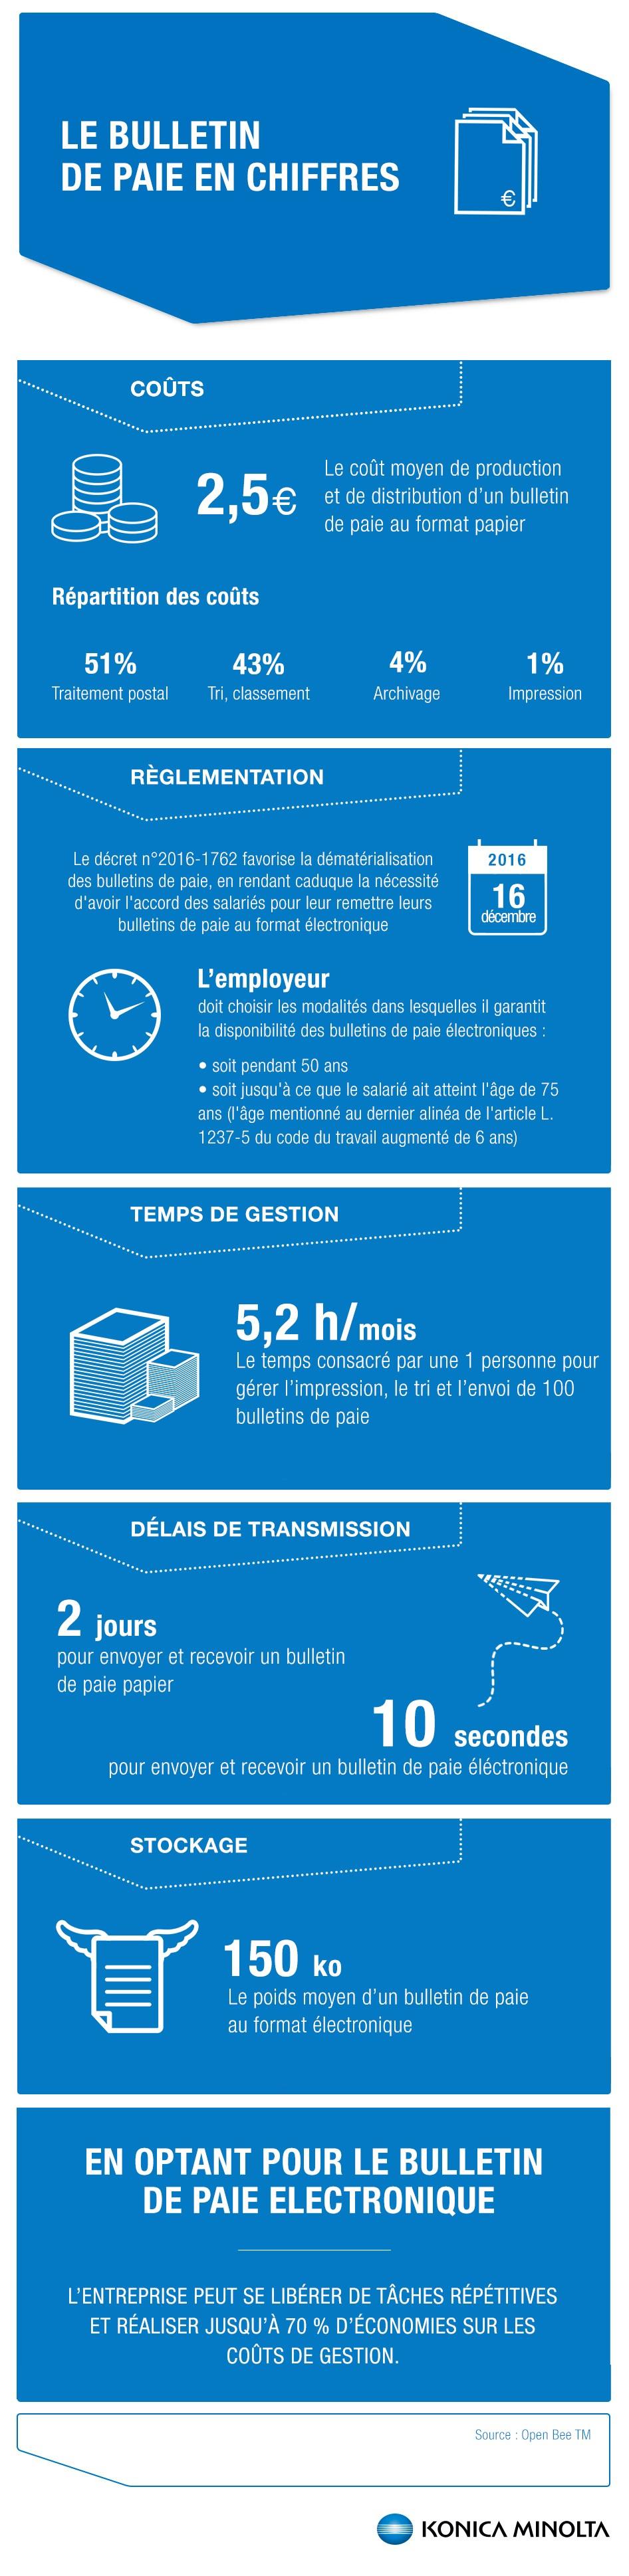 Infographie : Le bulletin de paie en chiffres